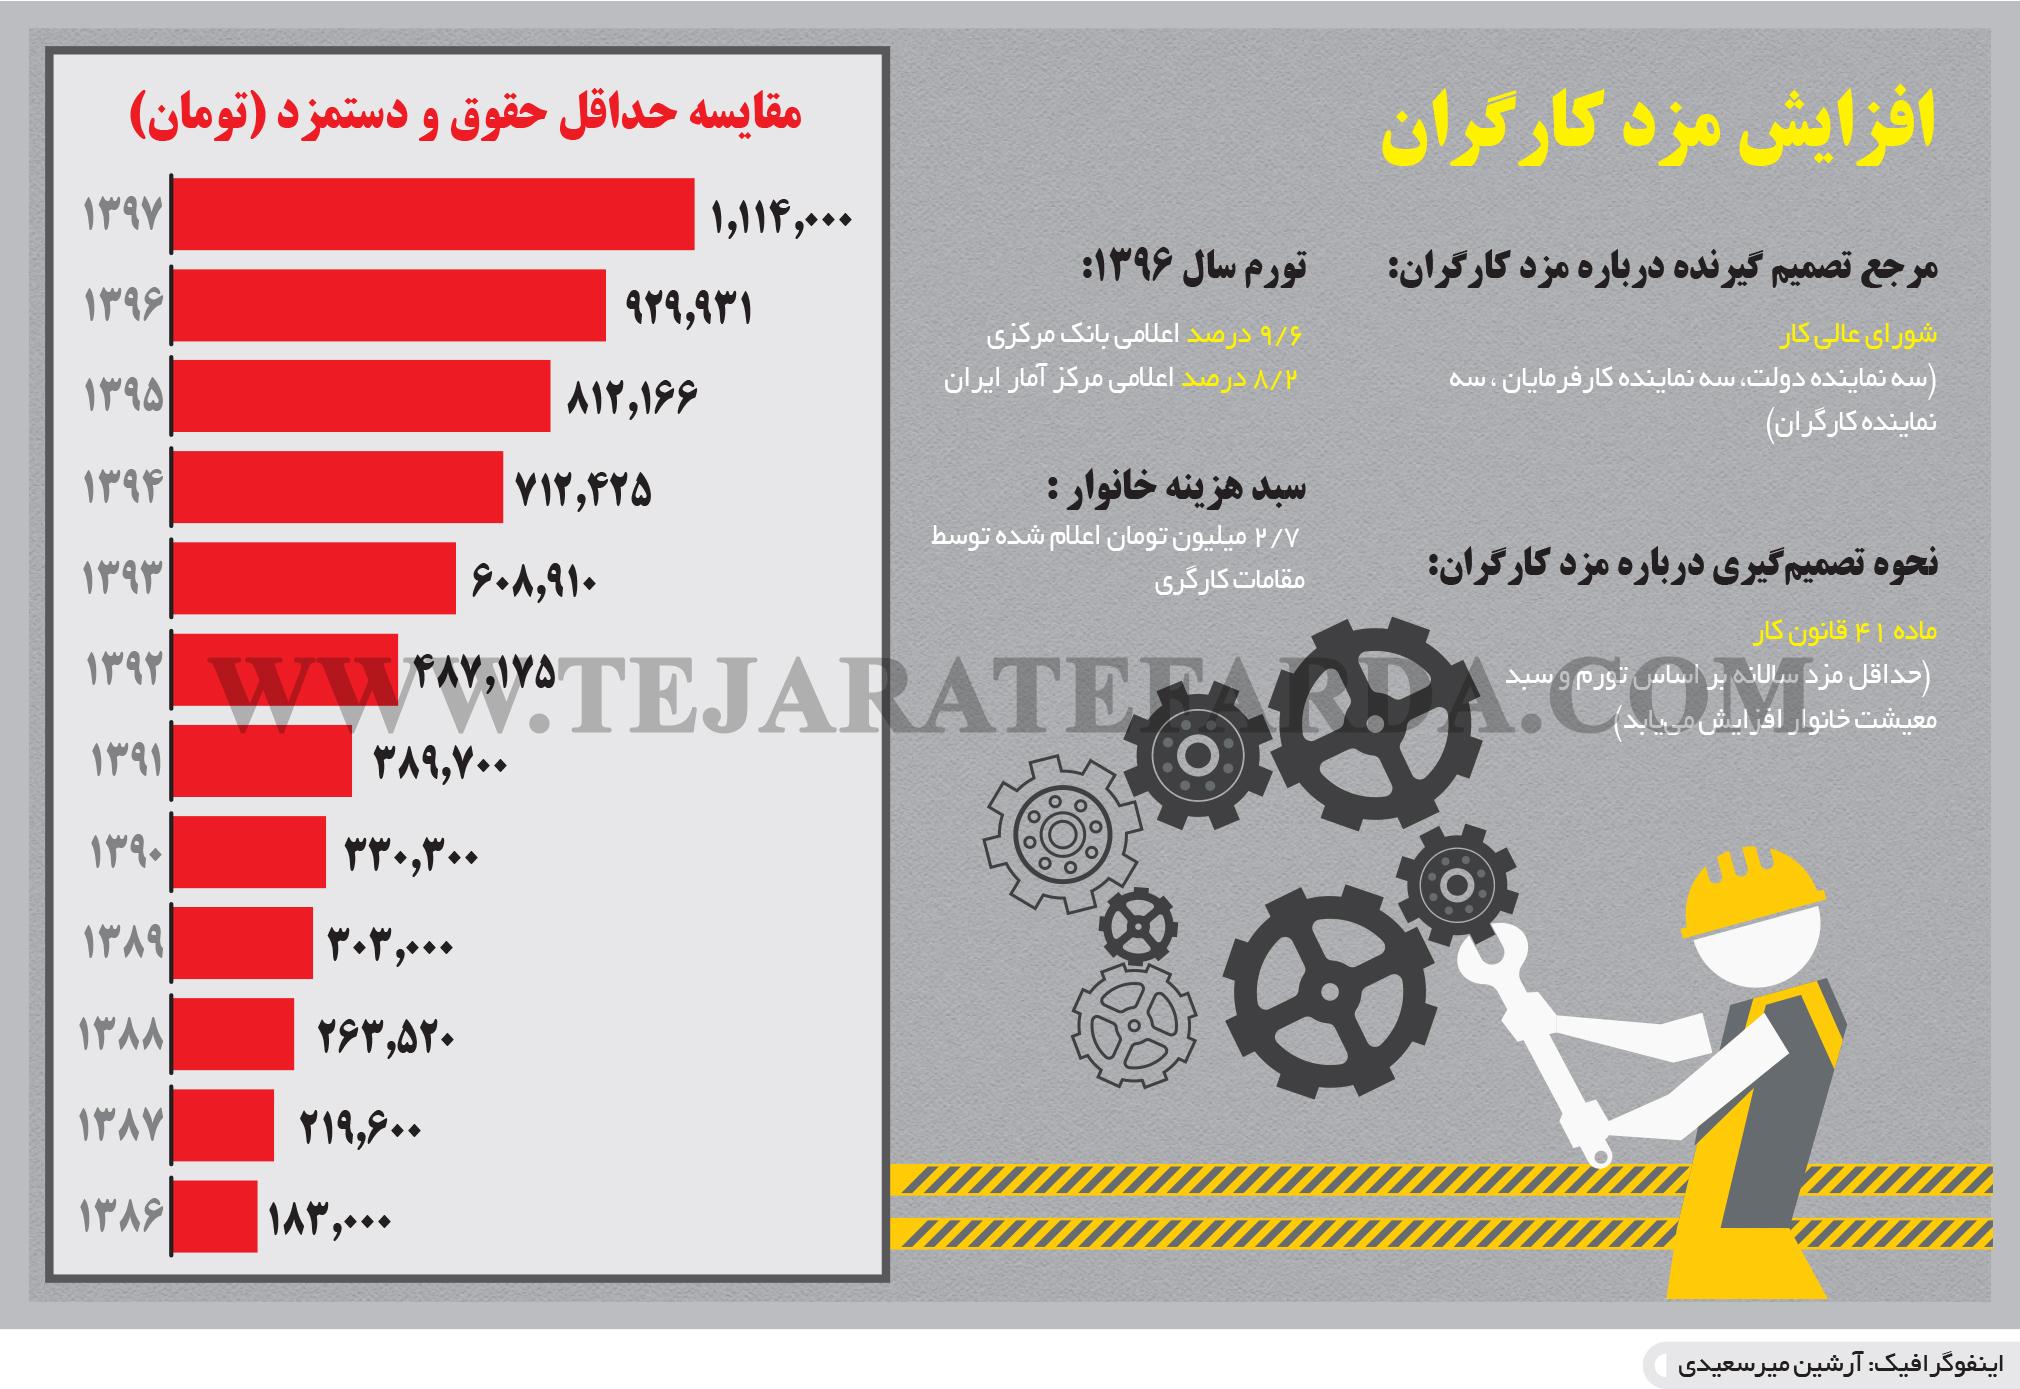 تجارت فردا- اینفوگرافیک- افزایش مزد کارگران